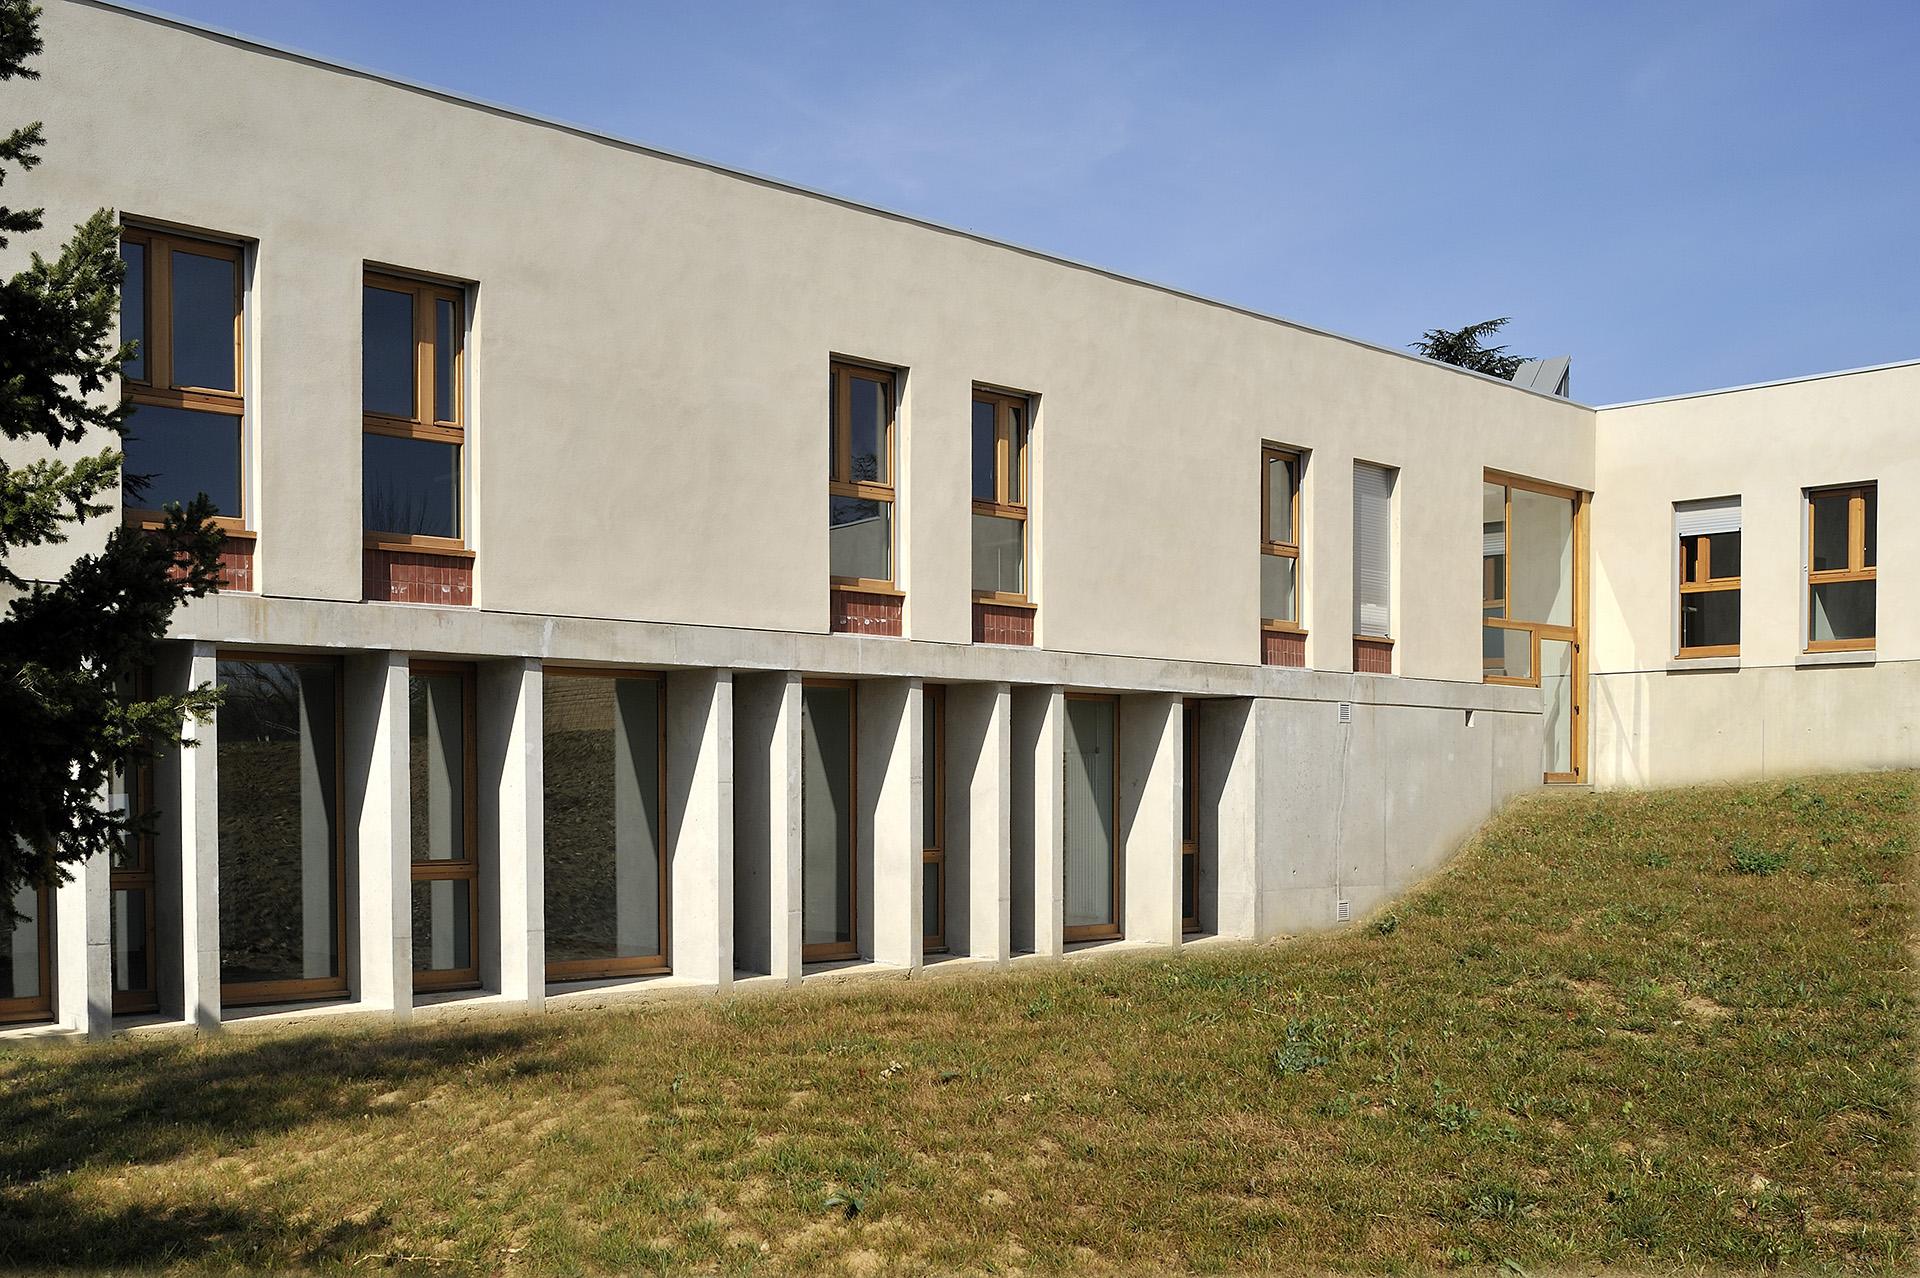 Hôpital Psychiatrique Les Coralines (Atelier Régis Gachon Architecte)